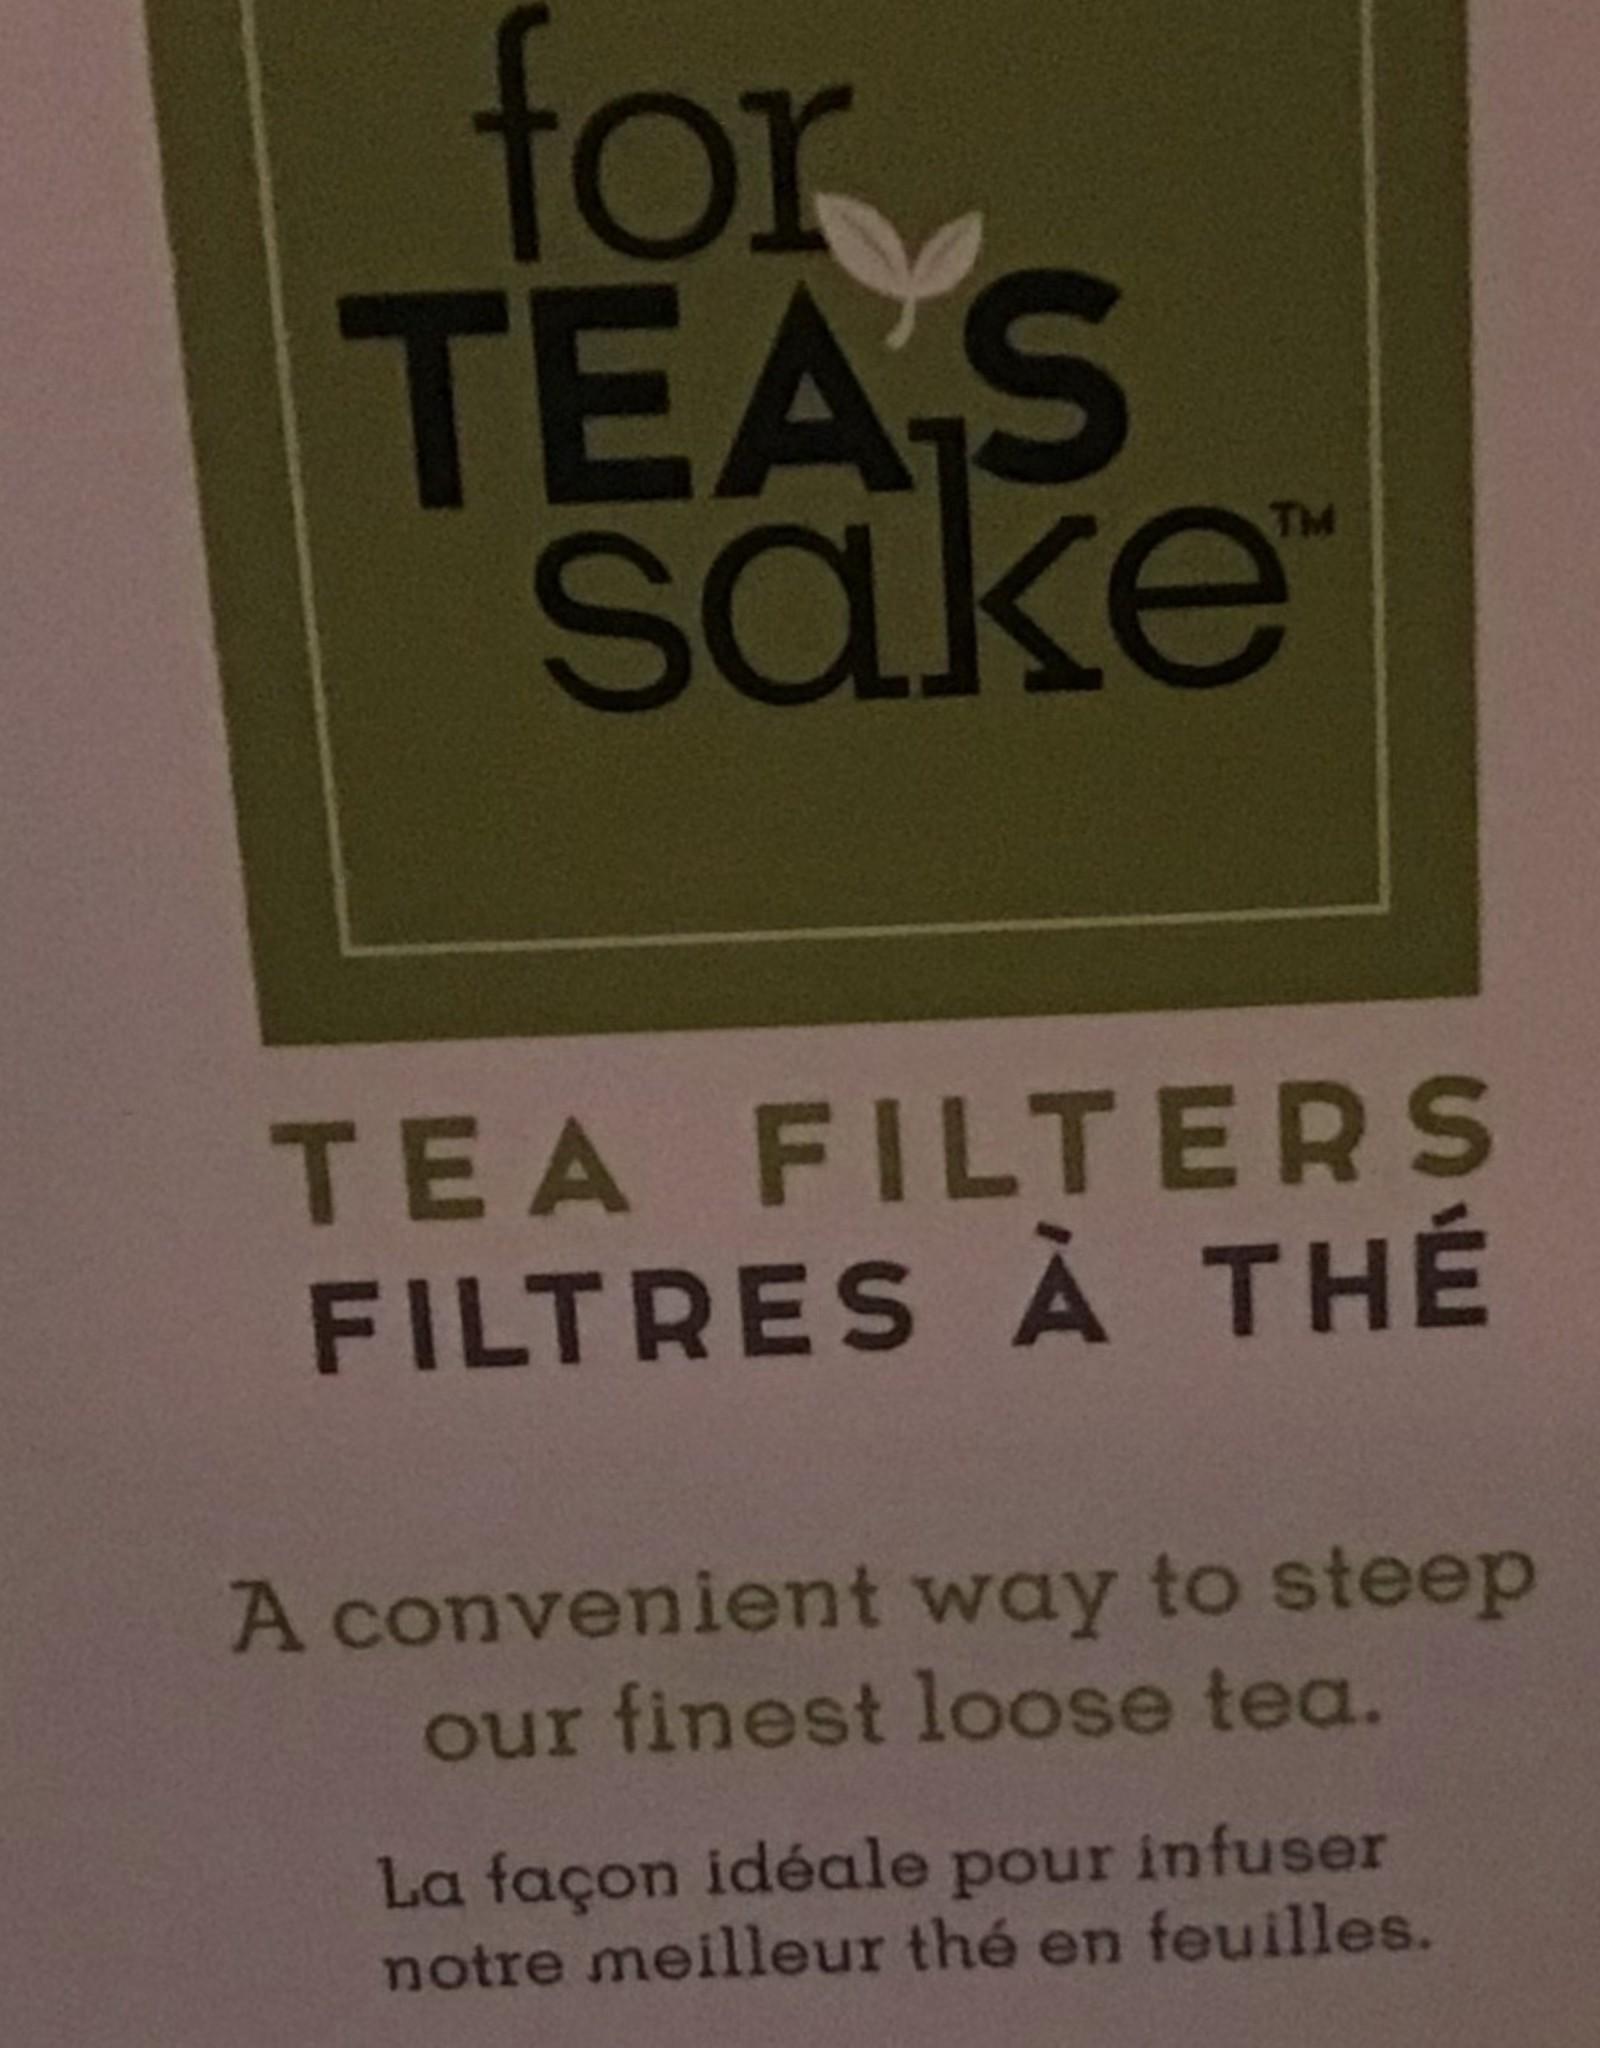 Tealish Tea Filters